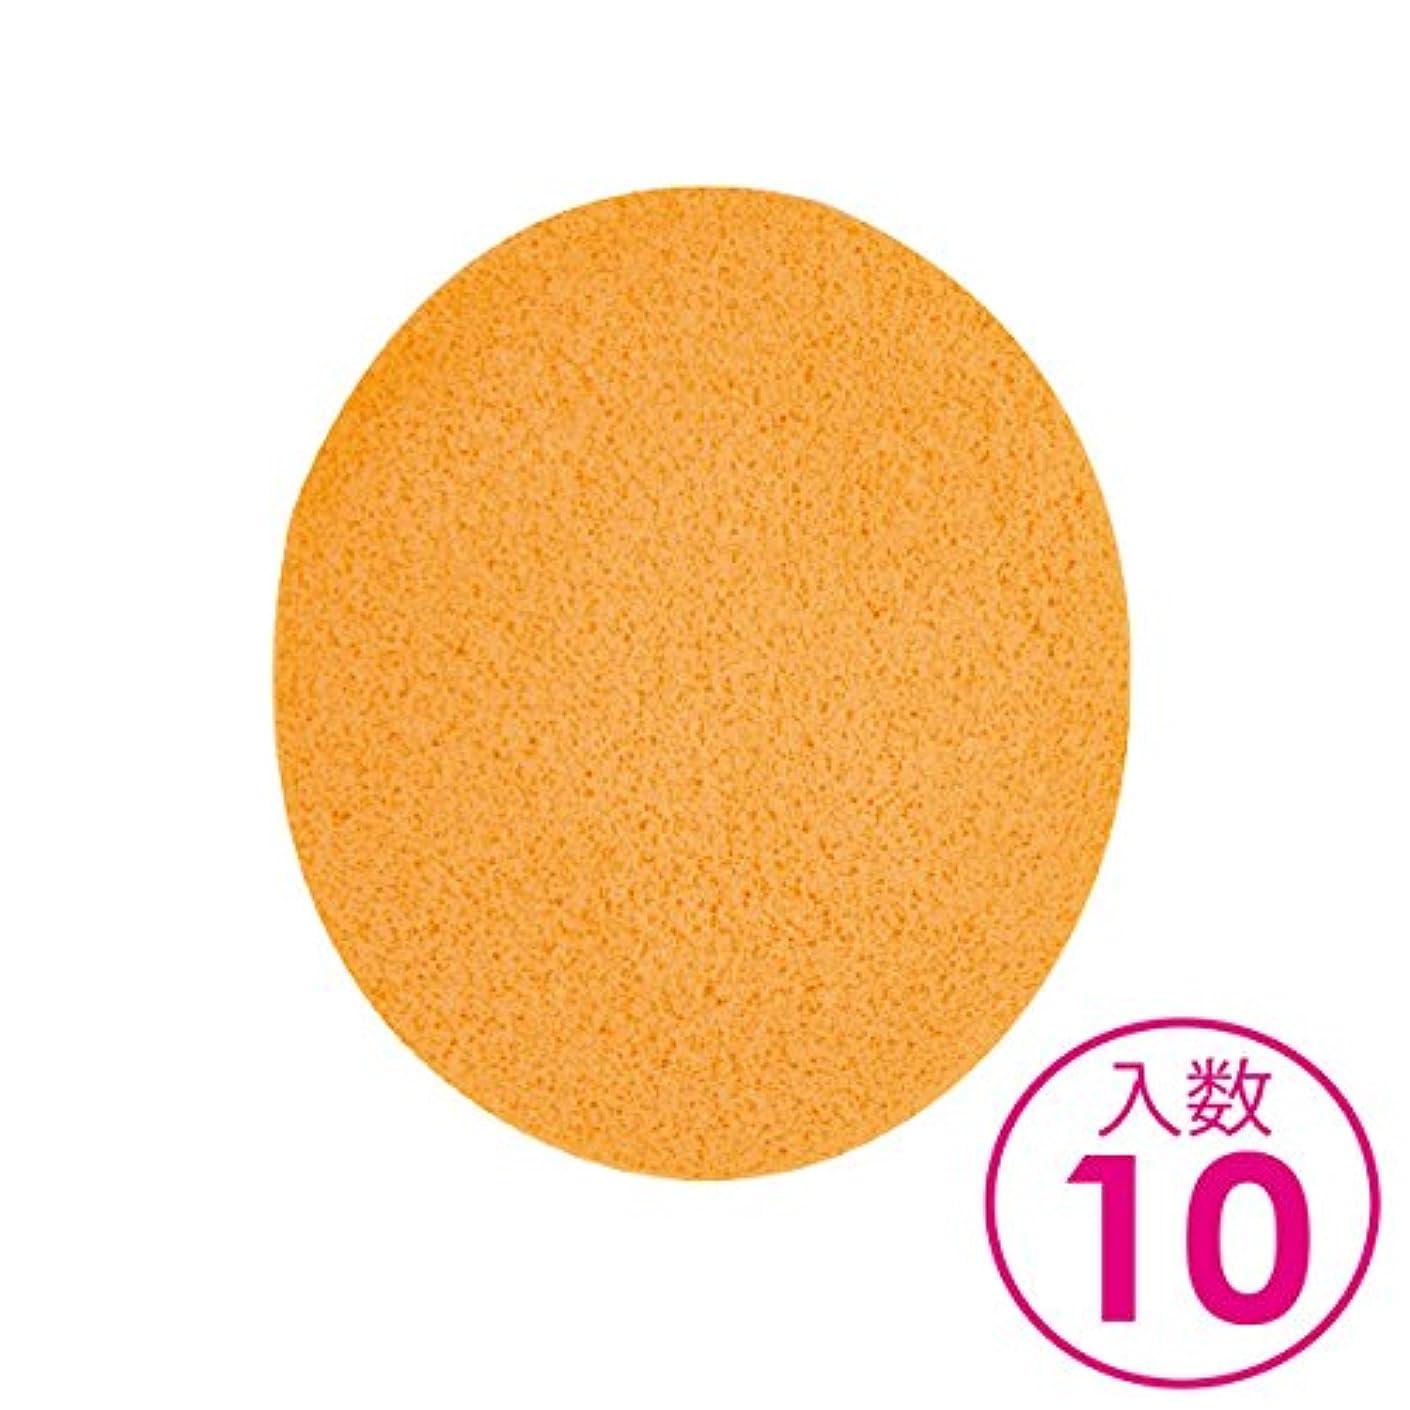 穏やかな打撃シソーラスボディスポンジ 幅120×長さ140×厚み10mm (きめ粗い) 10枚入 オレンジ [ ボディスポンジ ボディ用スポンジ マッサージスポンジ ボディ ボディー 体用 エステ スポンジ パック 拭き取り 吸水 保水 ]